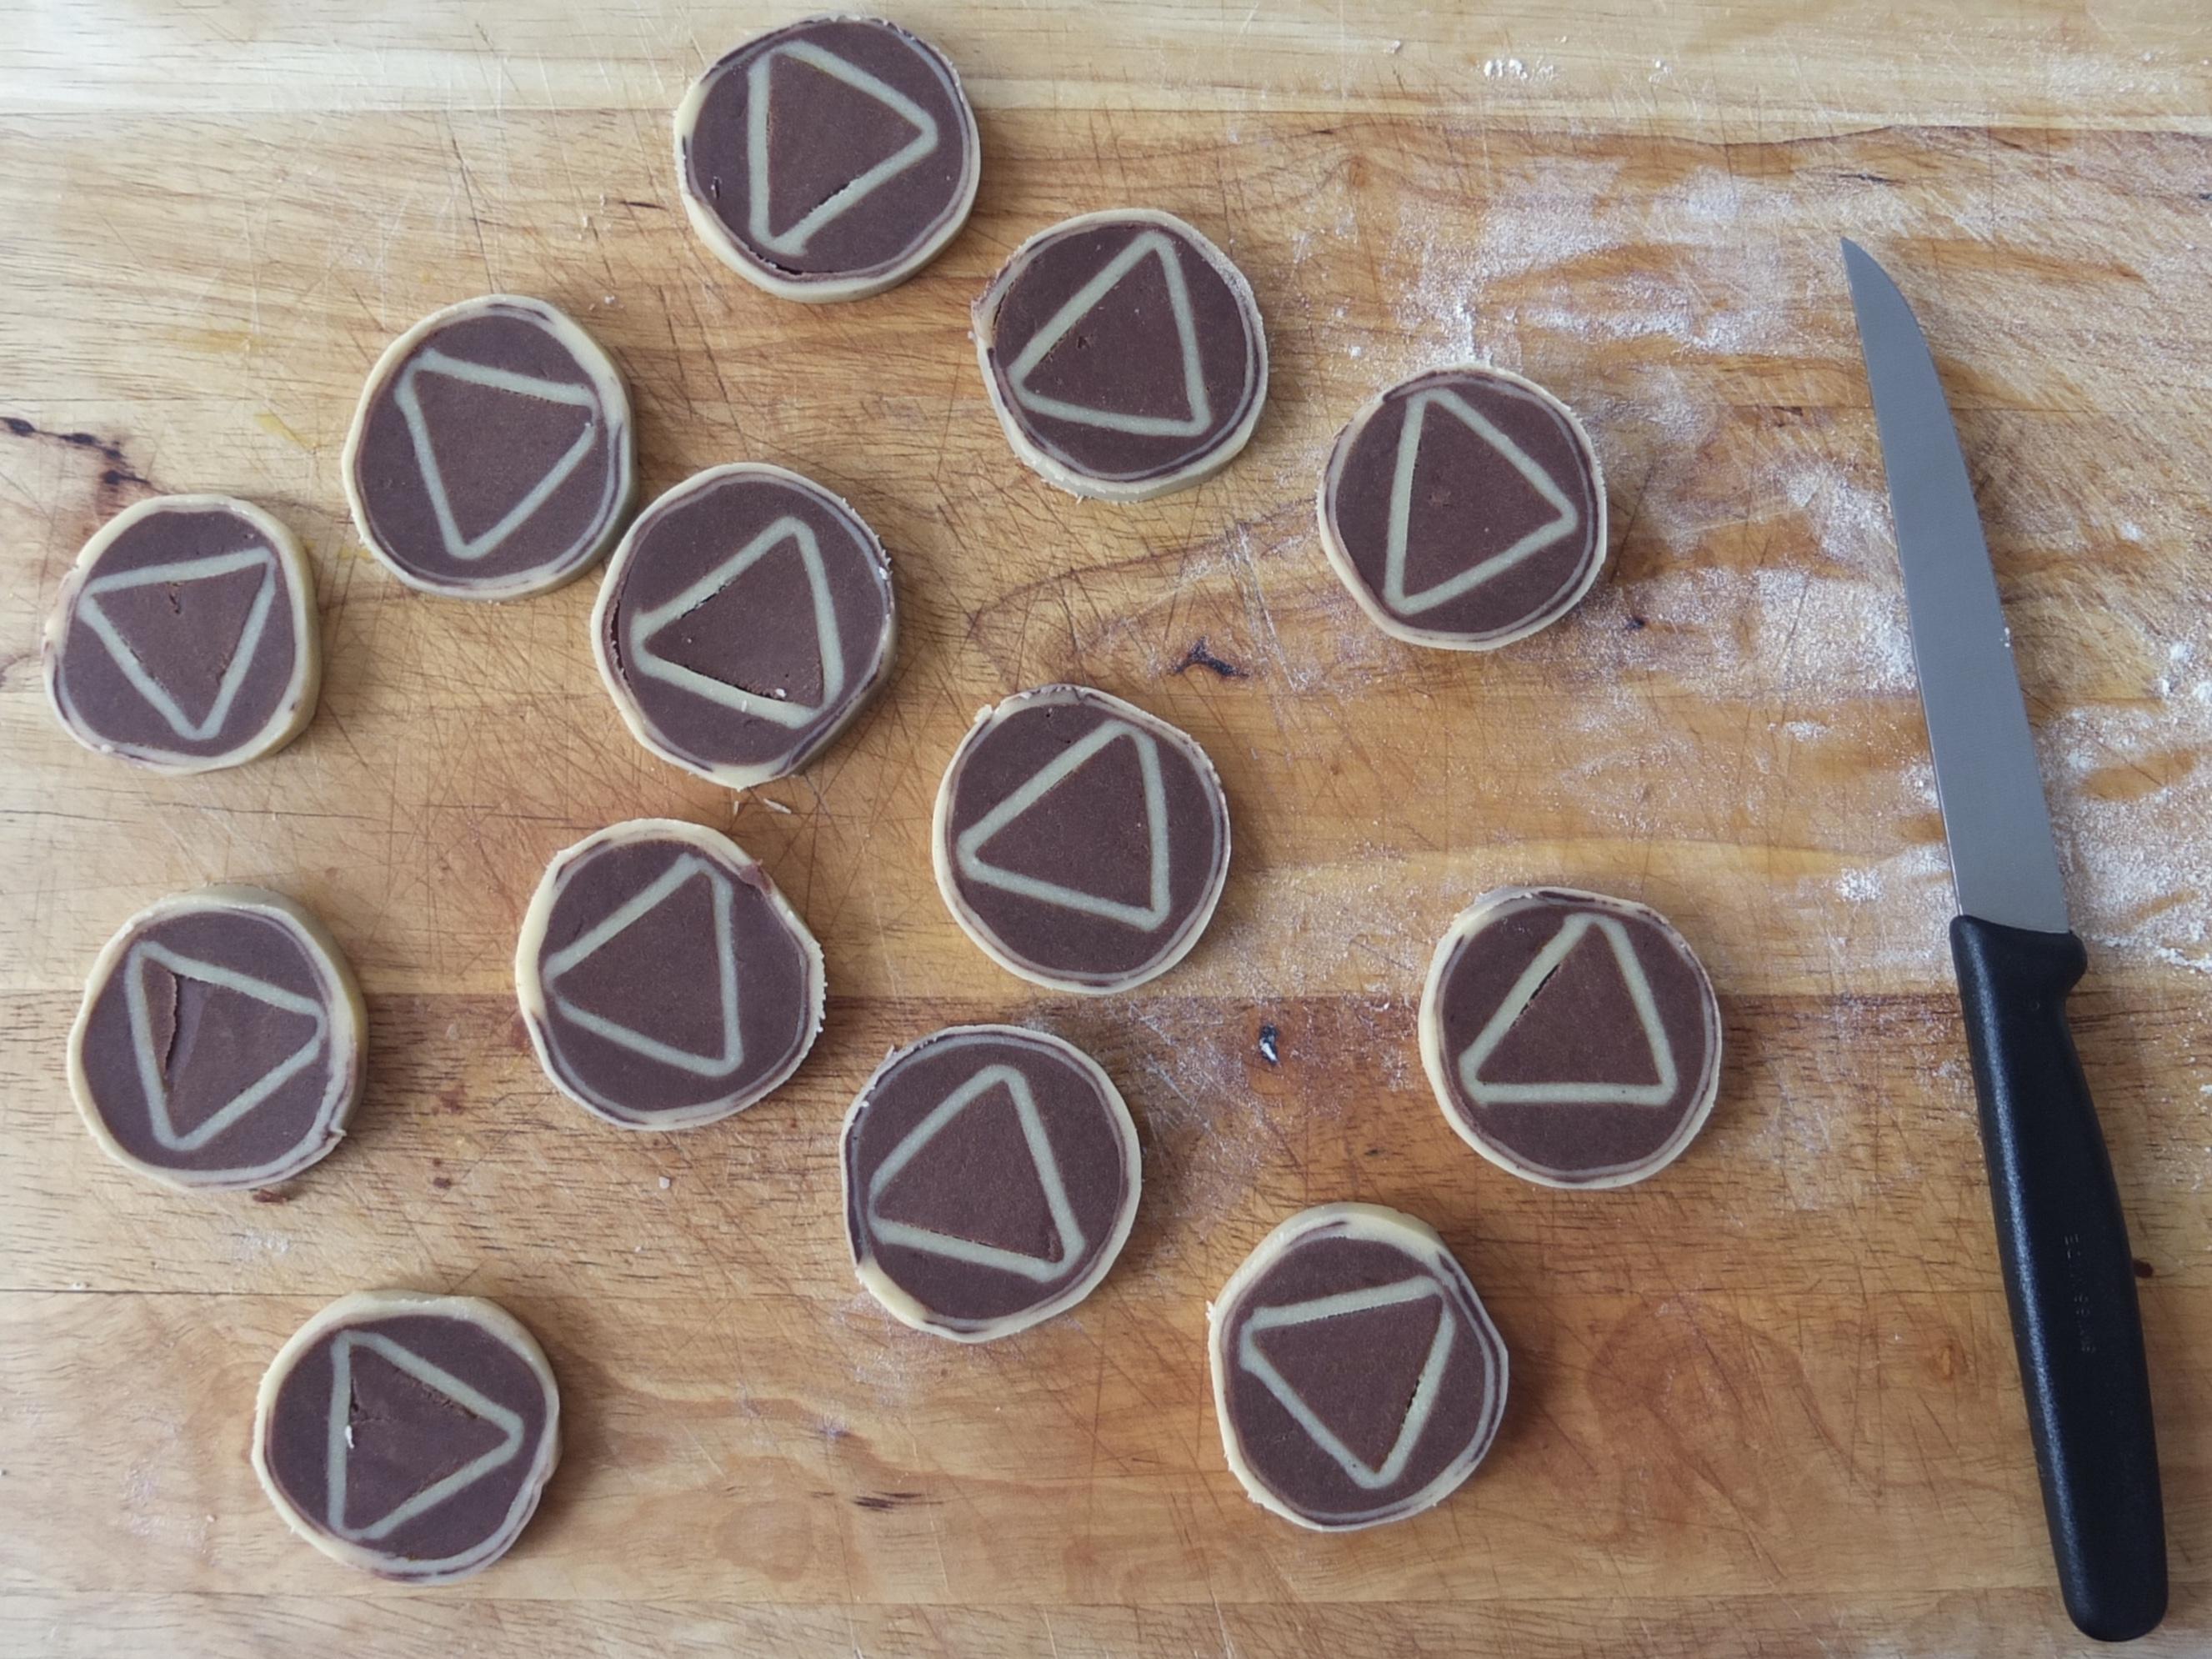 Zubereitung des Schwarz-Weiß-Gebäcks | La Crema Patisserie Food- und Backblog